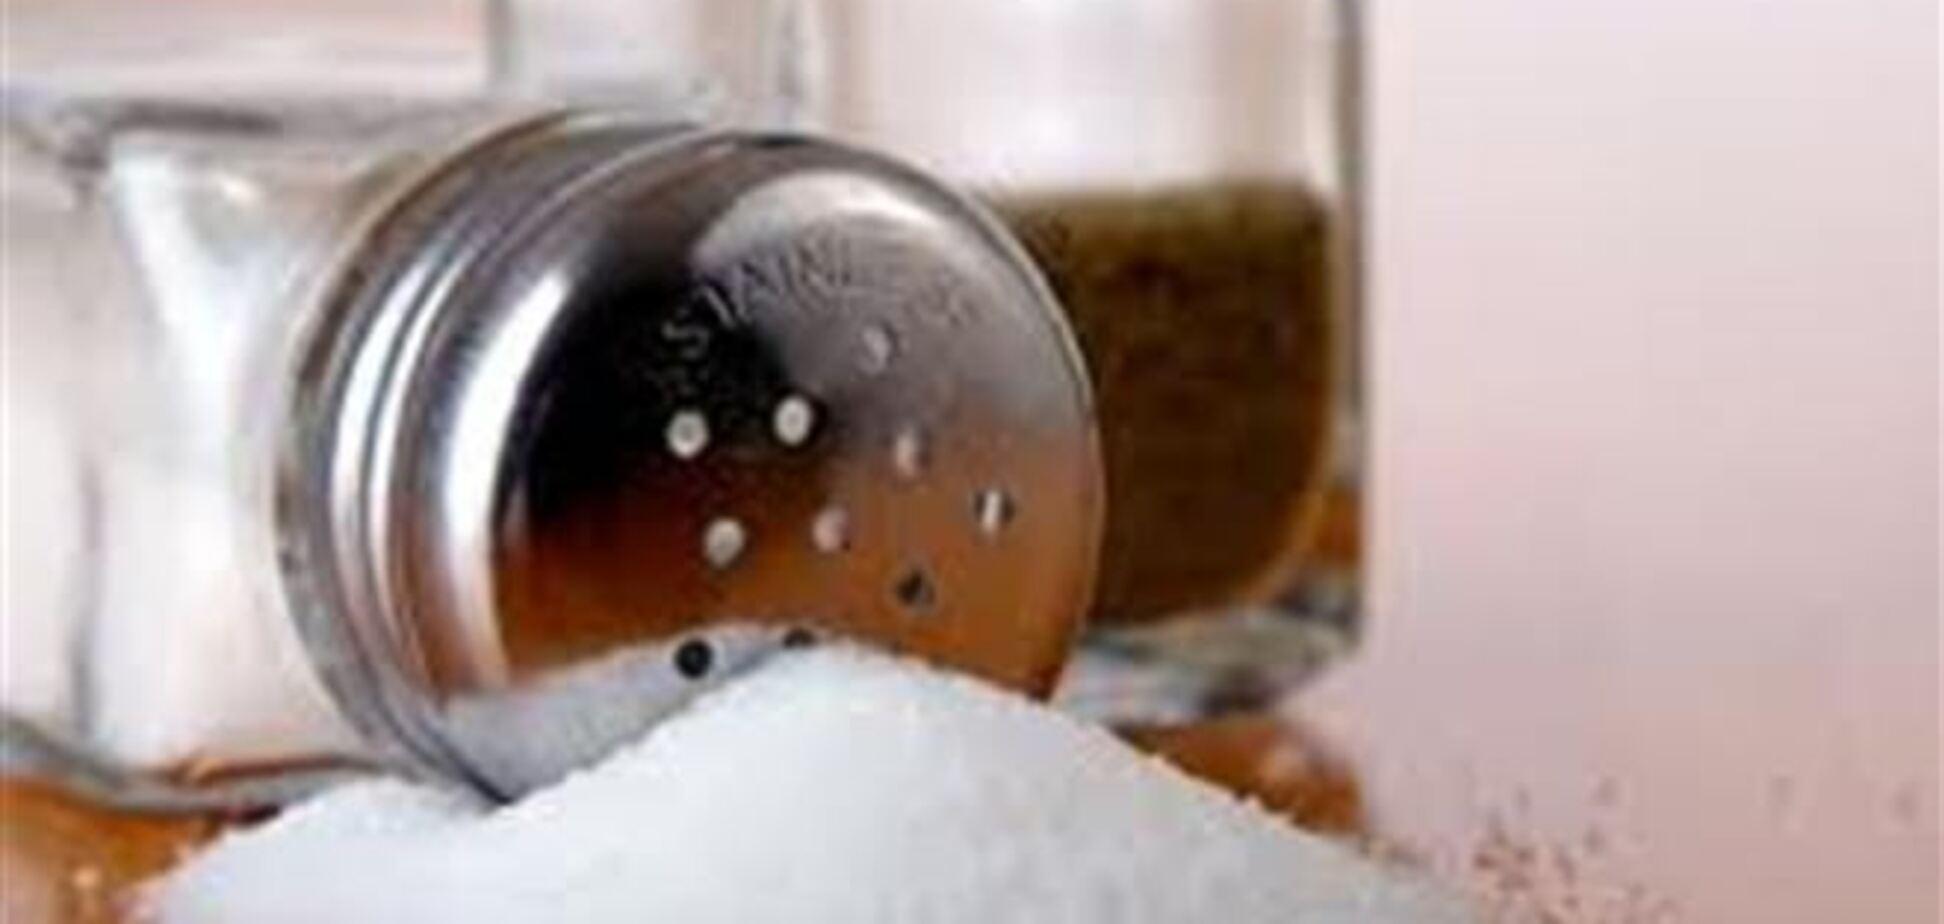 Натуральные способы вывести соль из организма, 16 октября 2013